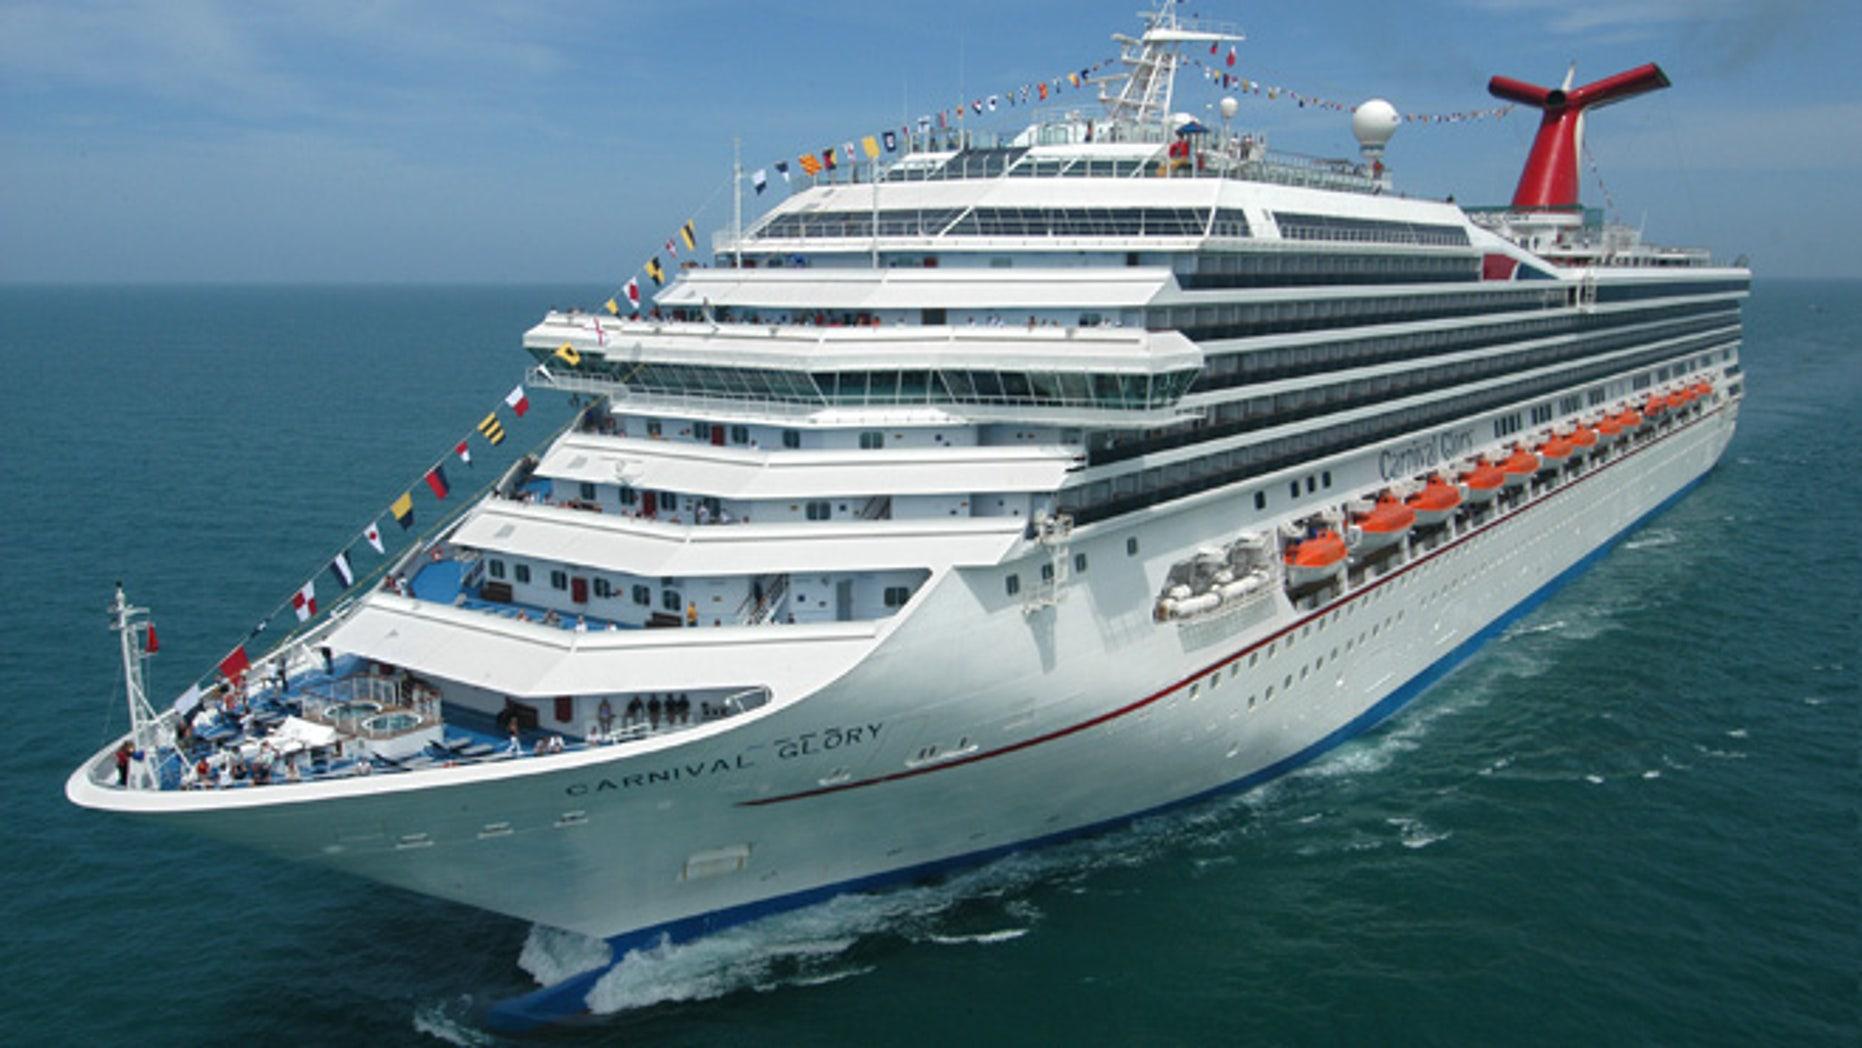 The Carnival Glory cruises off the coast of Florida.